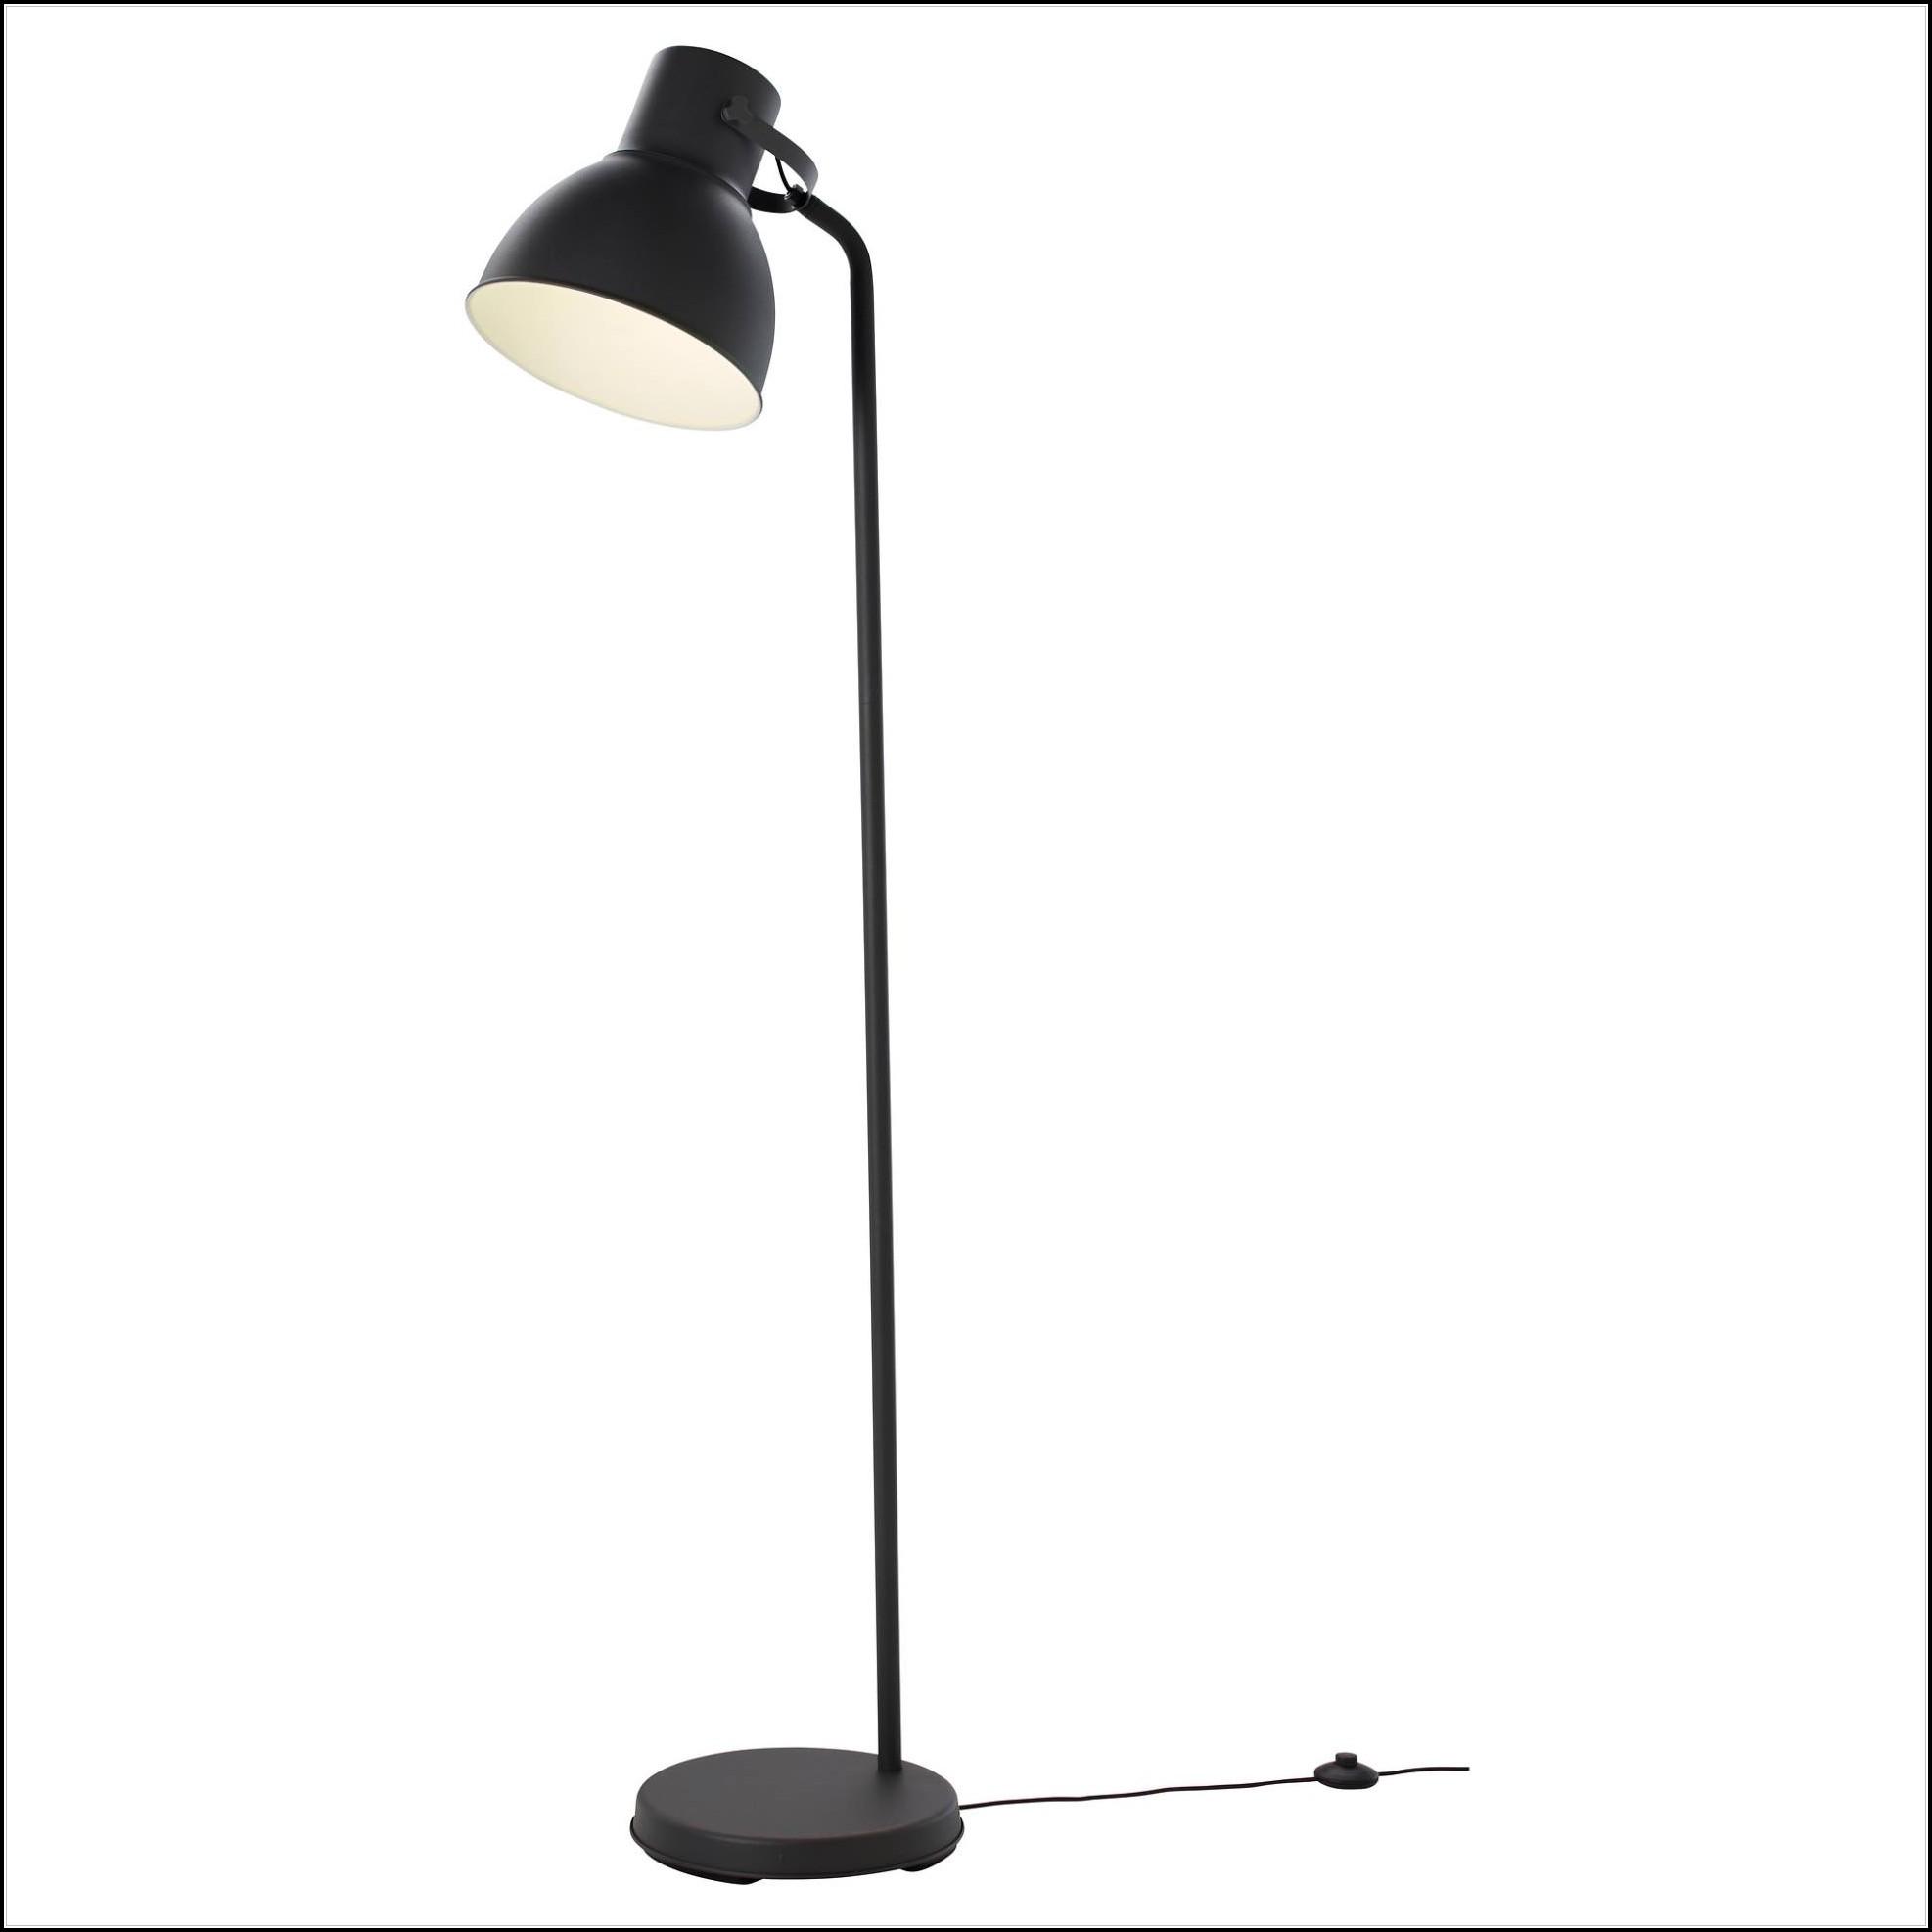 500 Watt Halogen Floor Lamp With Dimmer